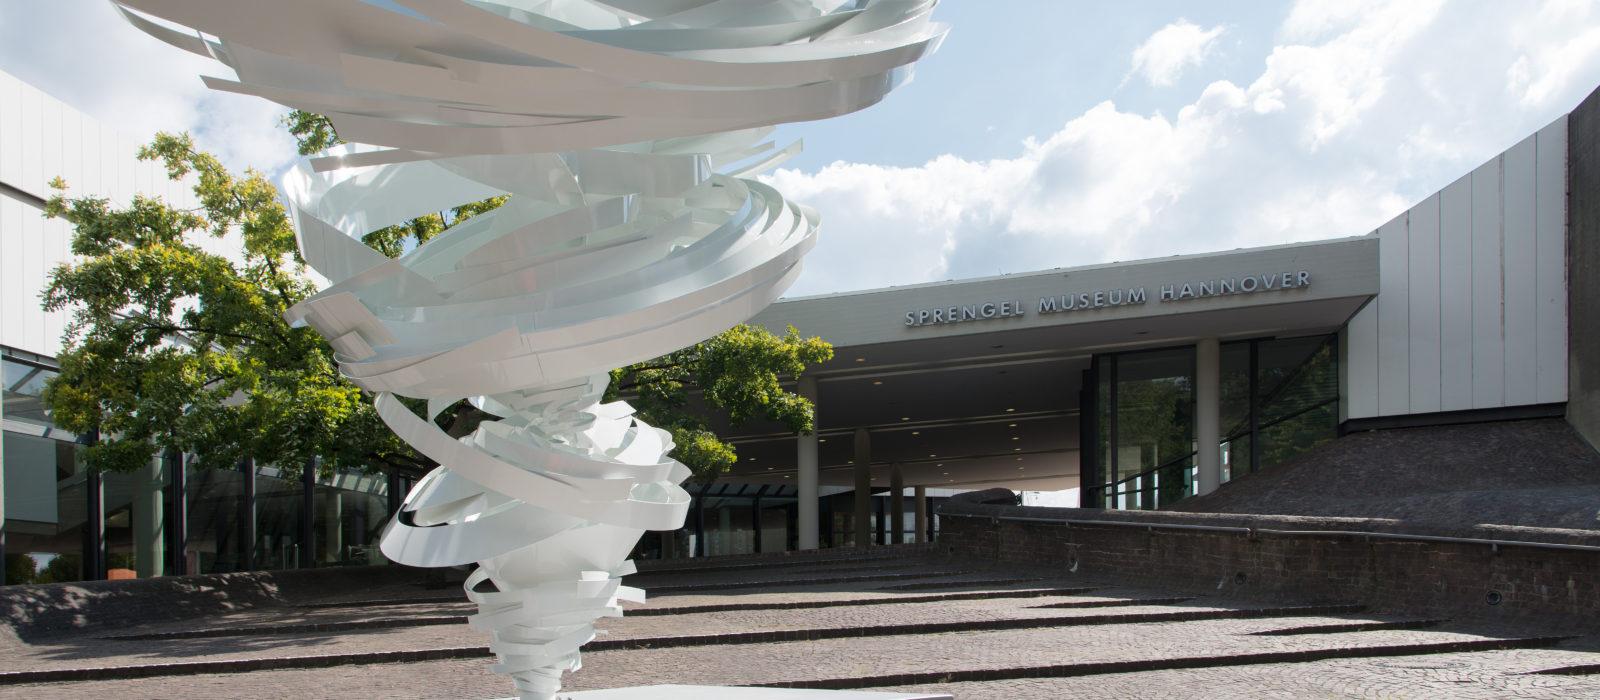 Ansicht Sprengelmuseum von außen